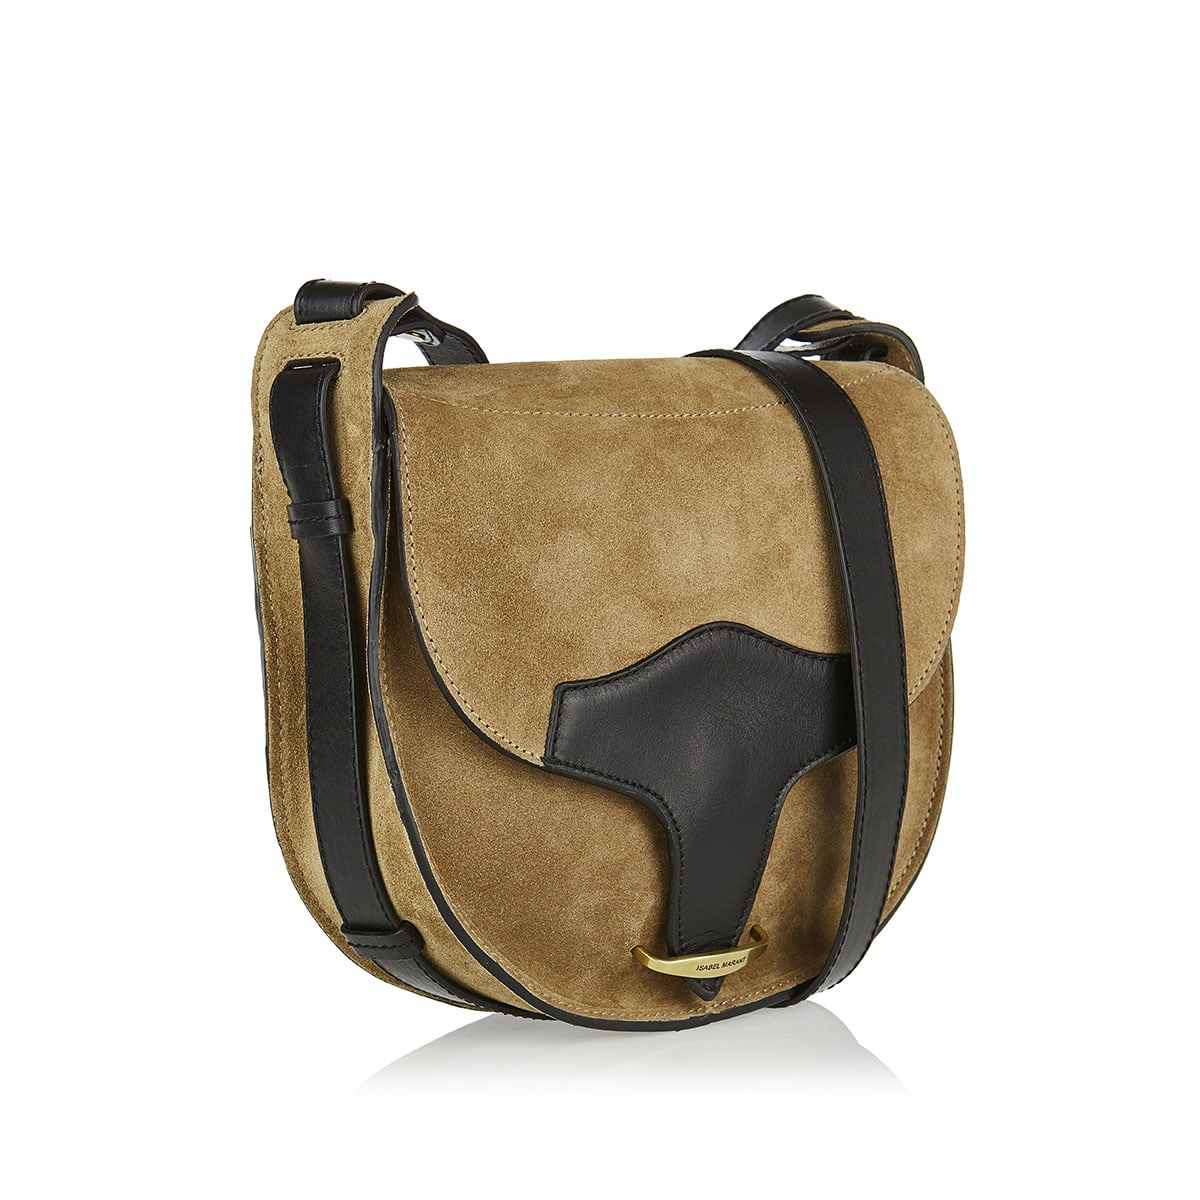 Botsy suede satchel bag